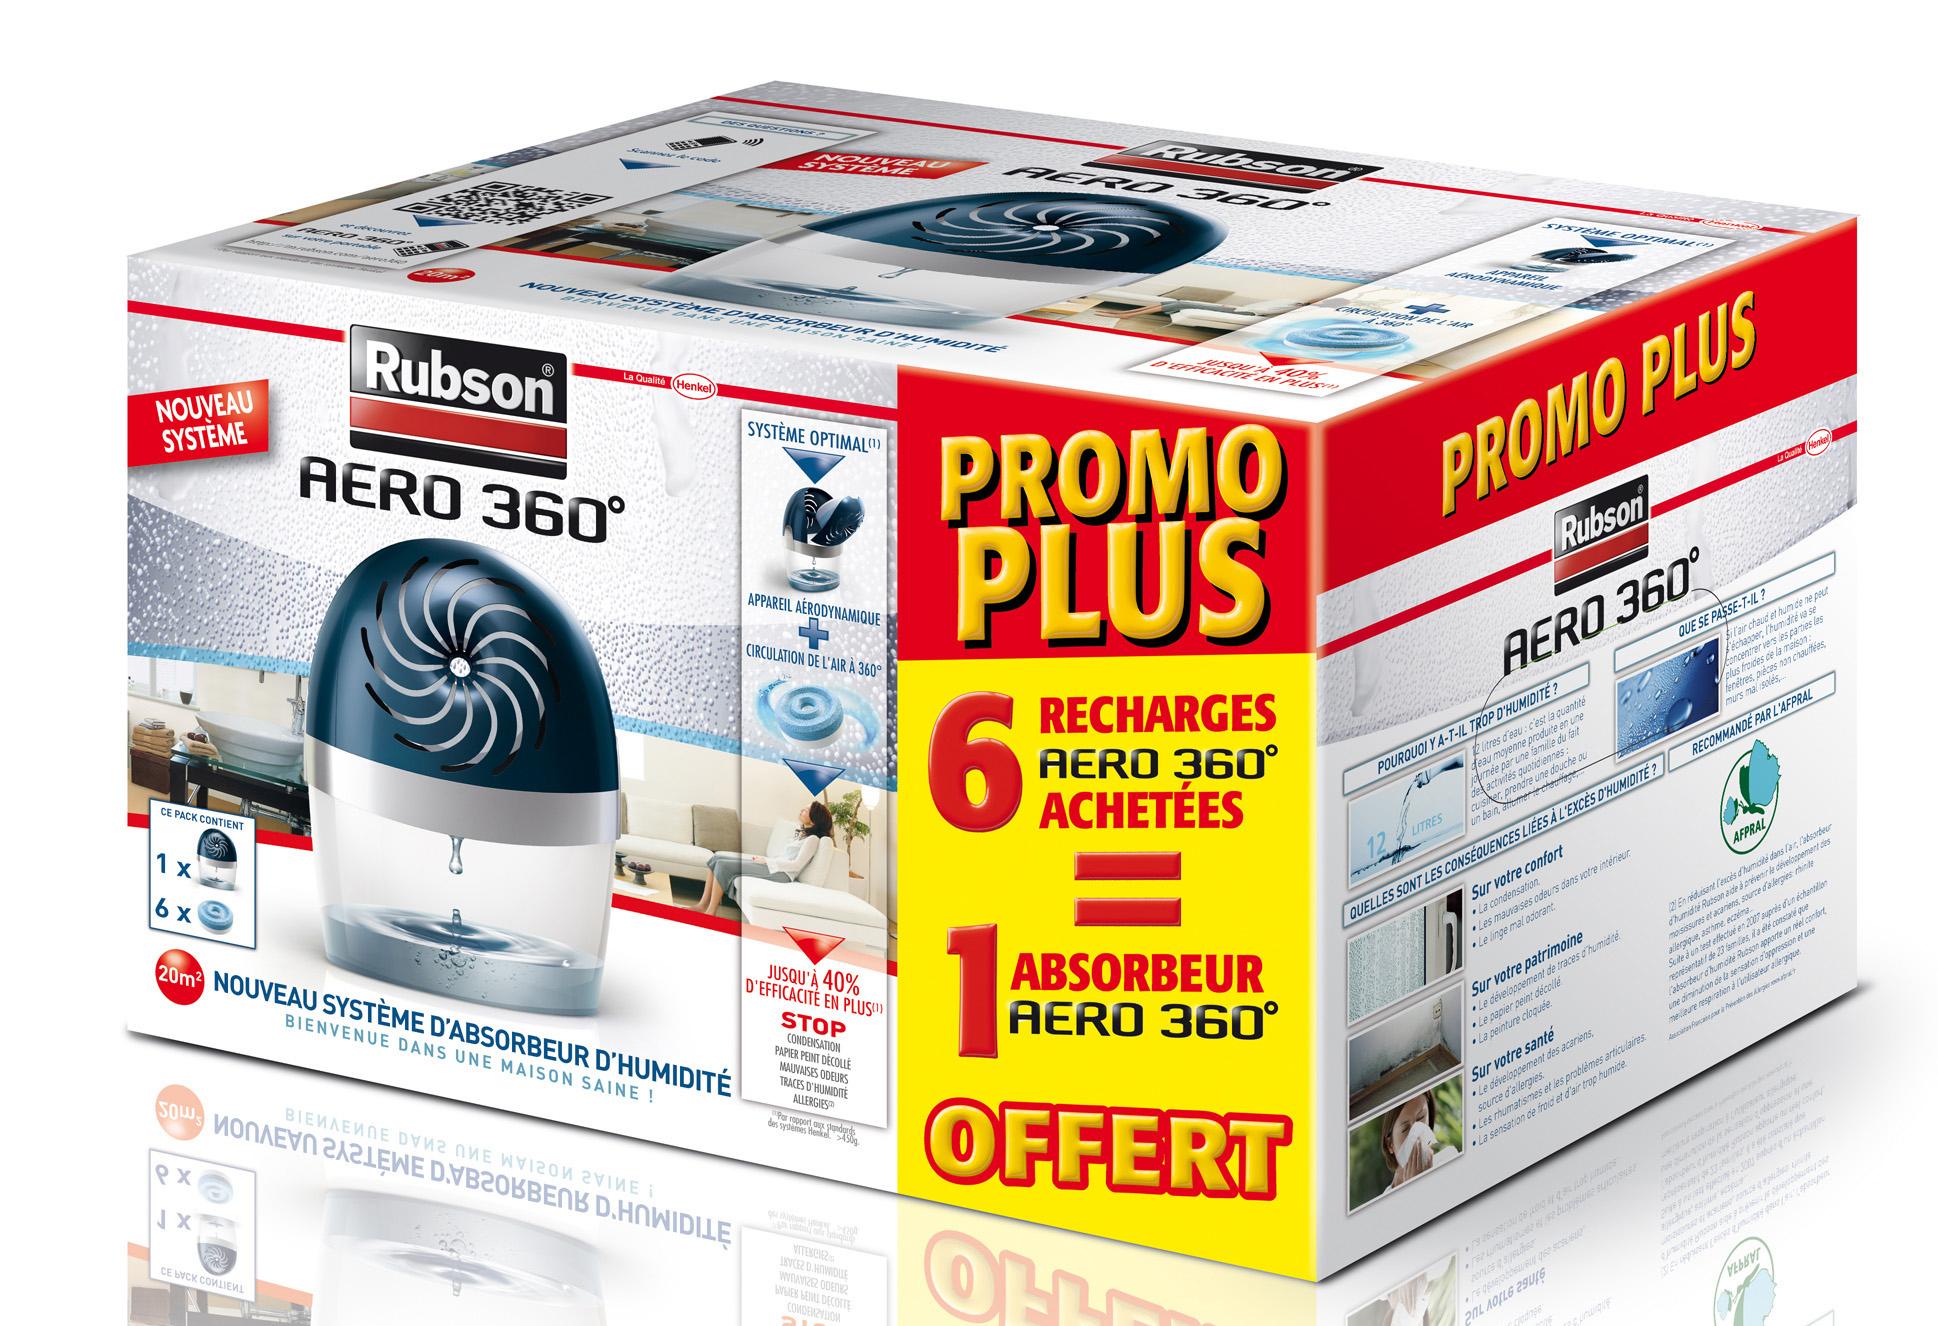 Absorbeur D Humidité Avis rubson - absorbeur d'humidité aero 360° 20 m² + 6 recharges